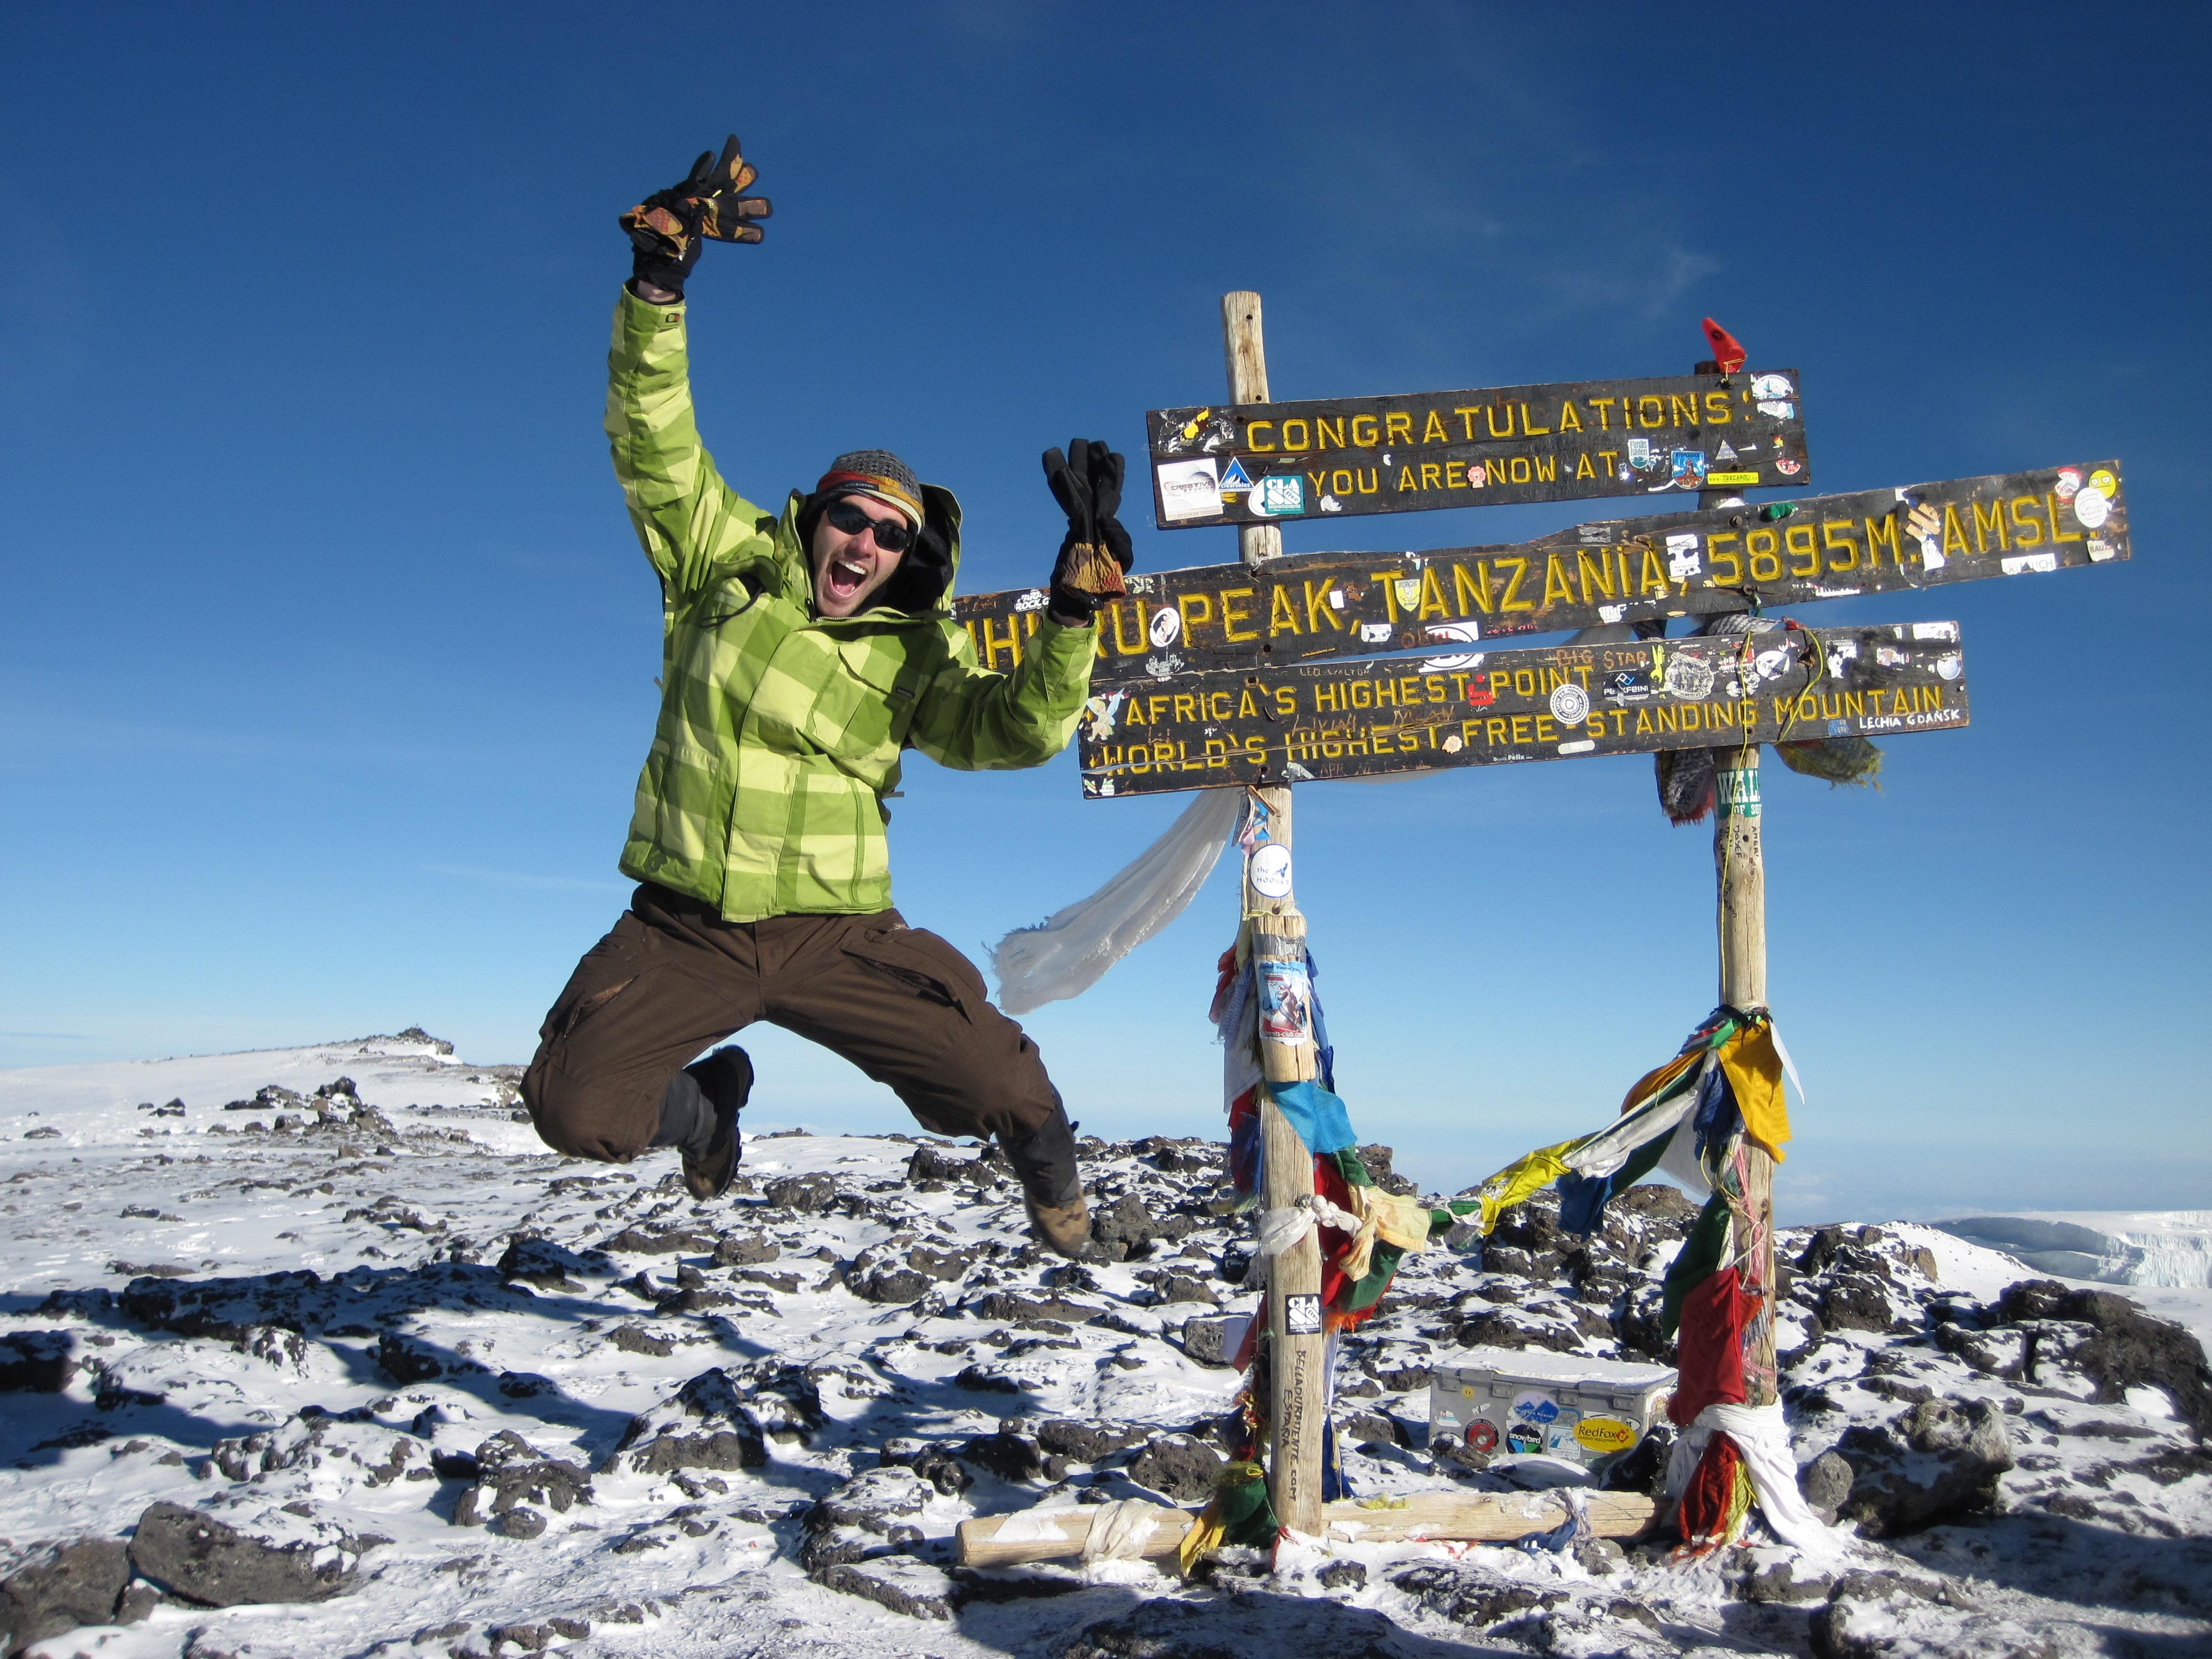 Vzpon na Mount Kilimanjaro za dobrodelne namene